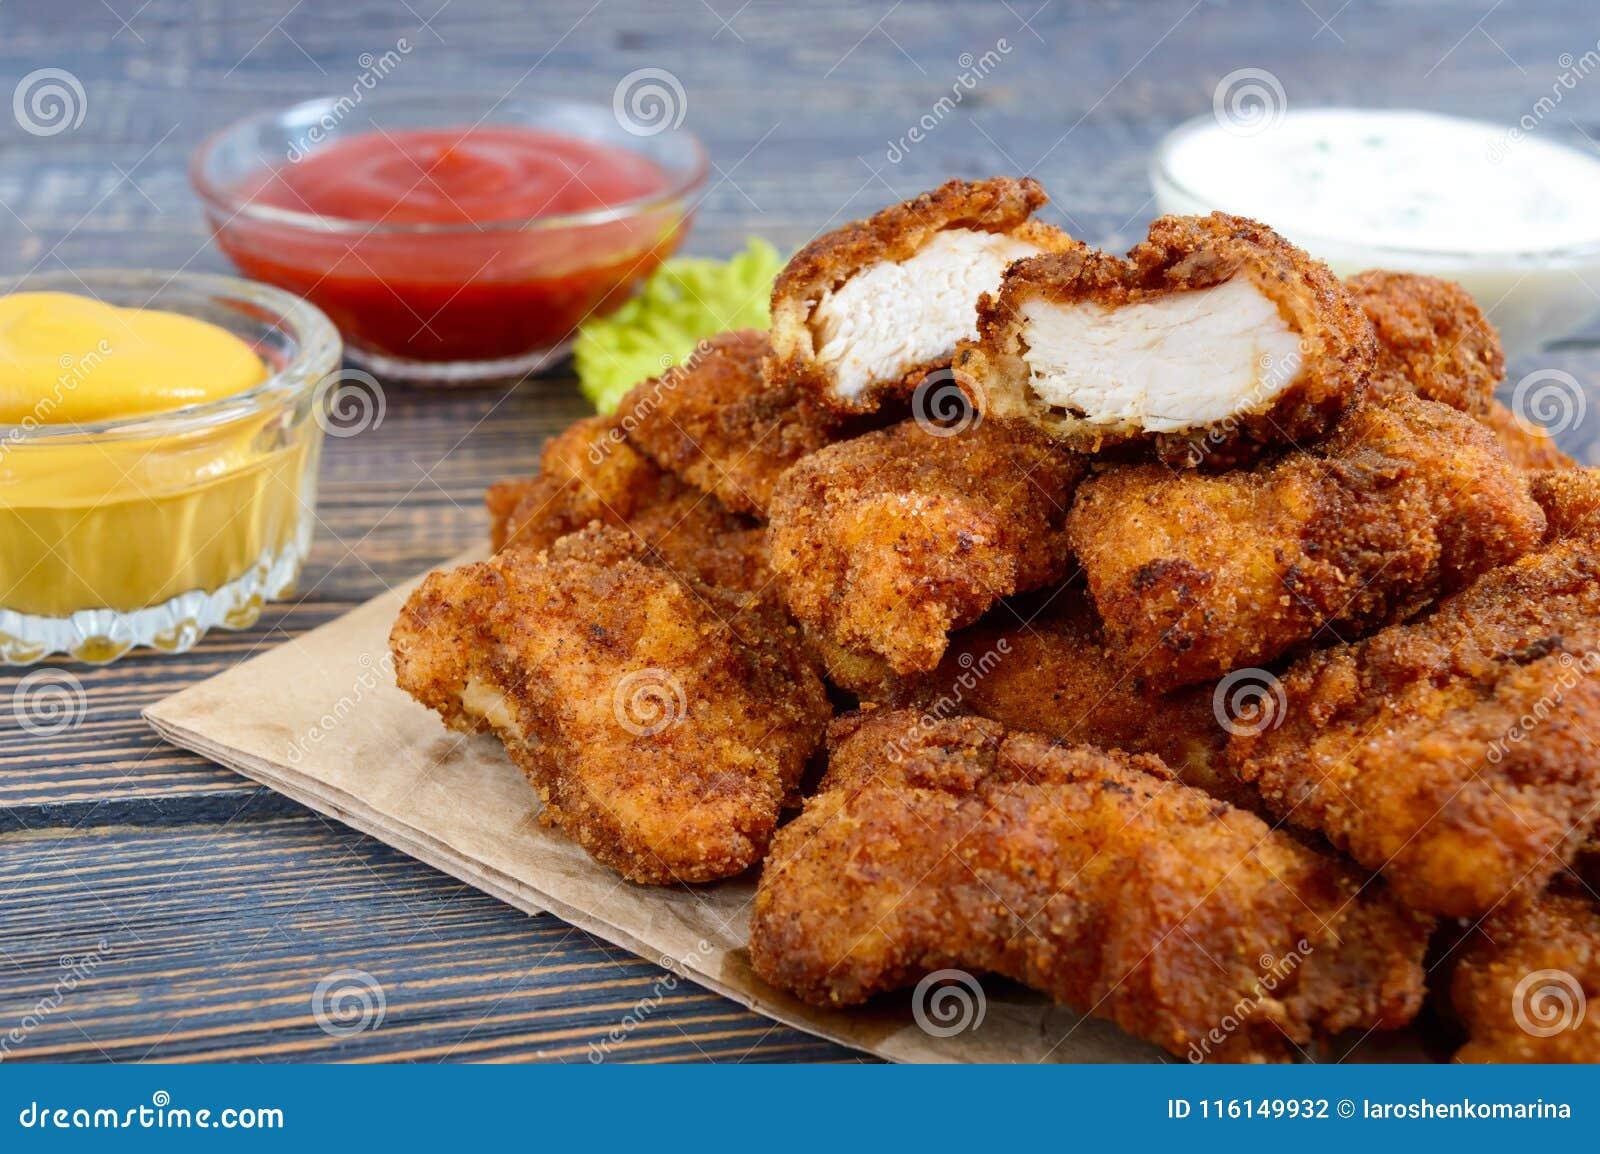 Pépites de poulet Morceaux de viande croustillante frite, sur le papier avec différentes sauces sur une table en bois